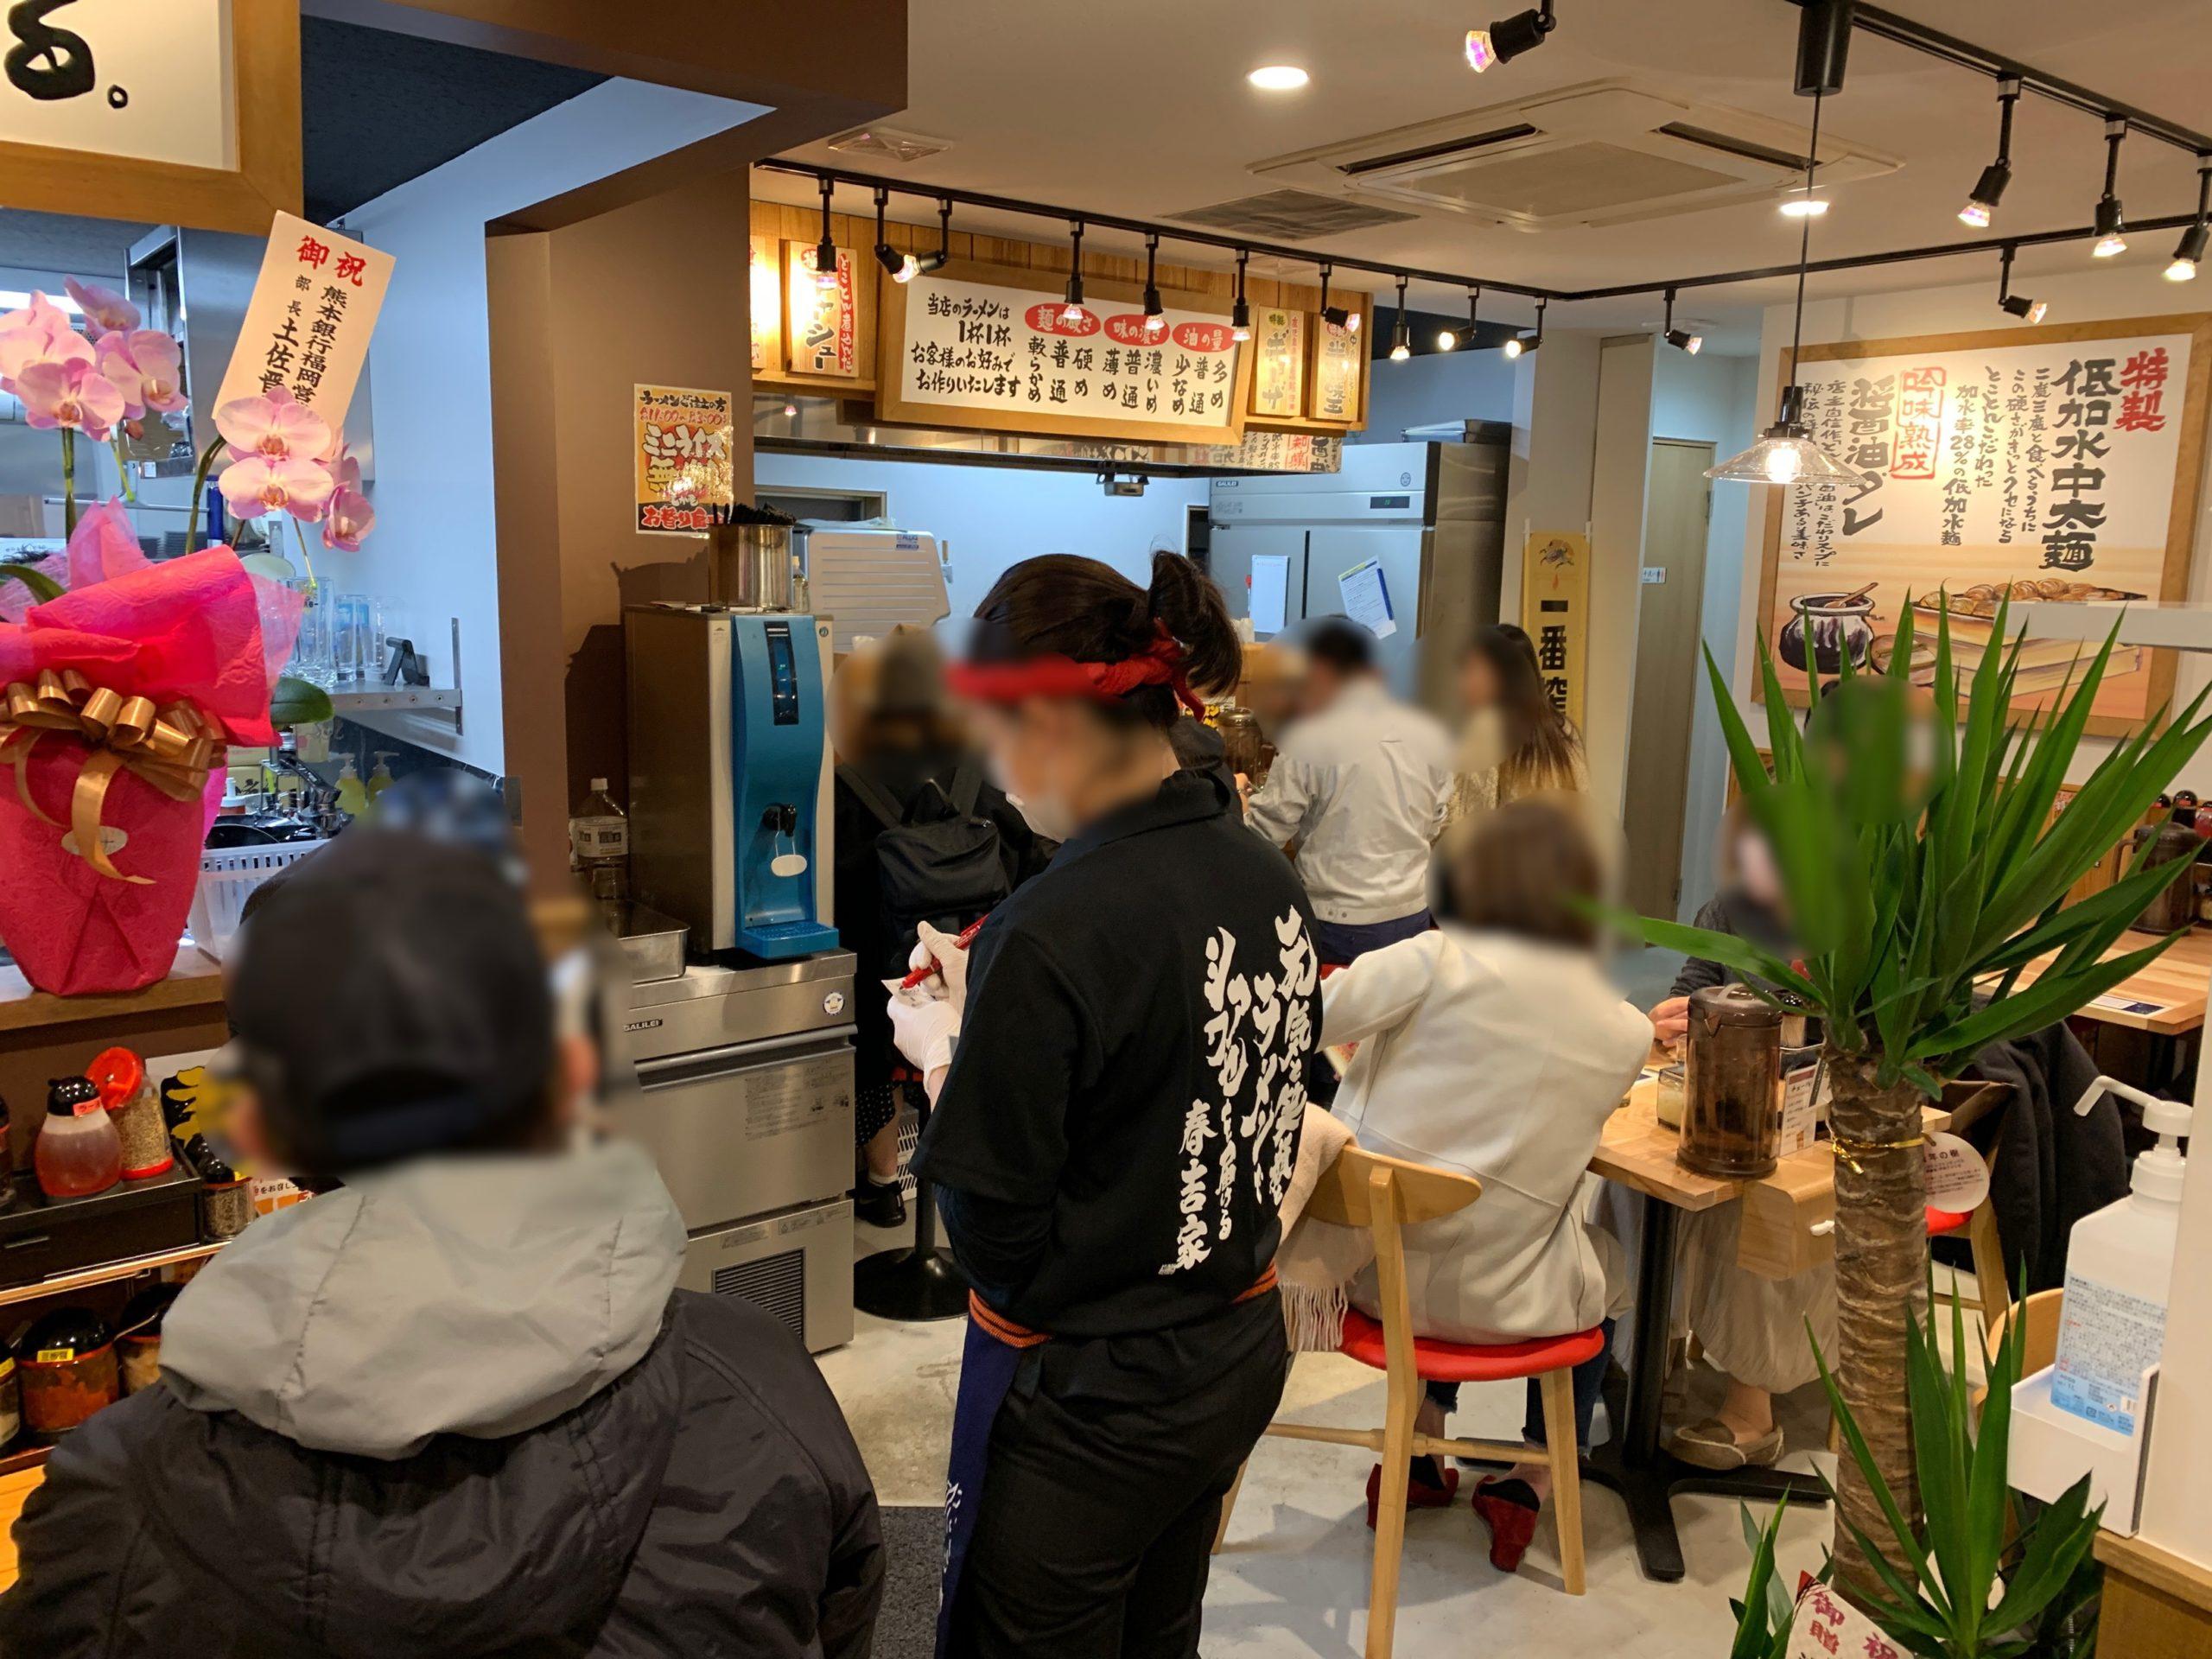 横浜家系ラーメン春吉家の店内の様子